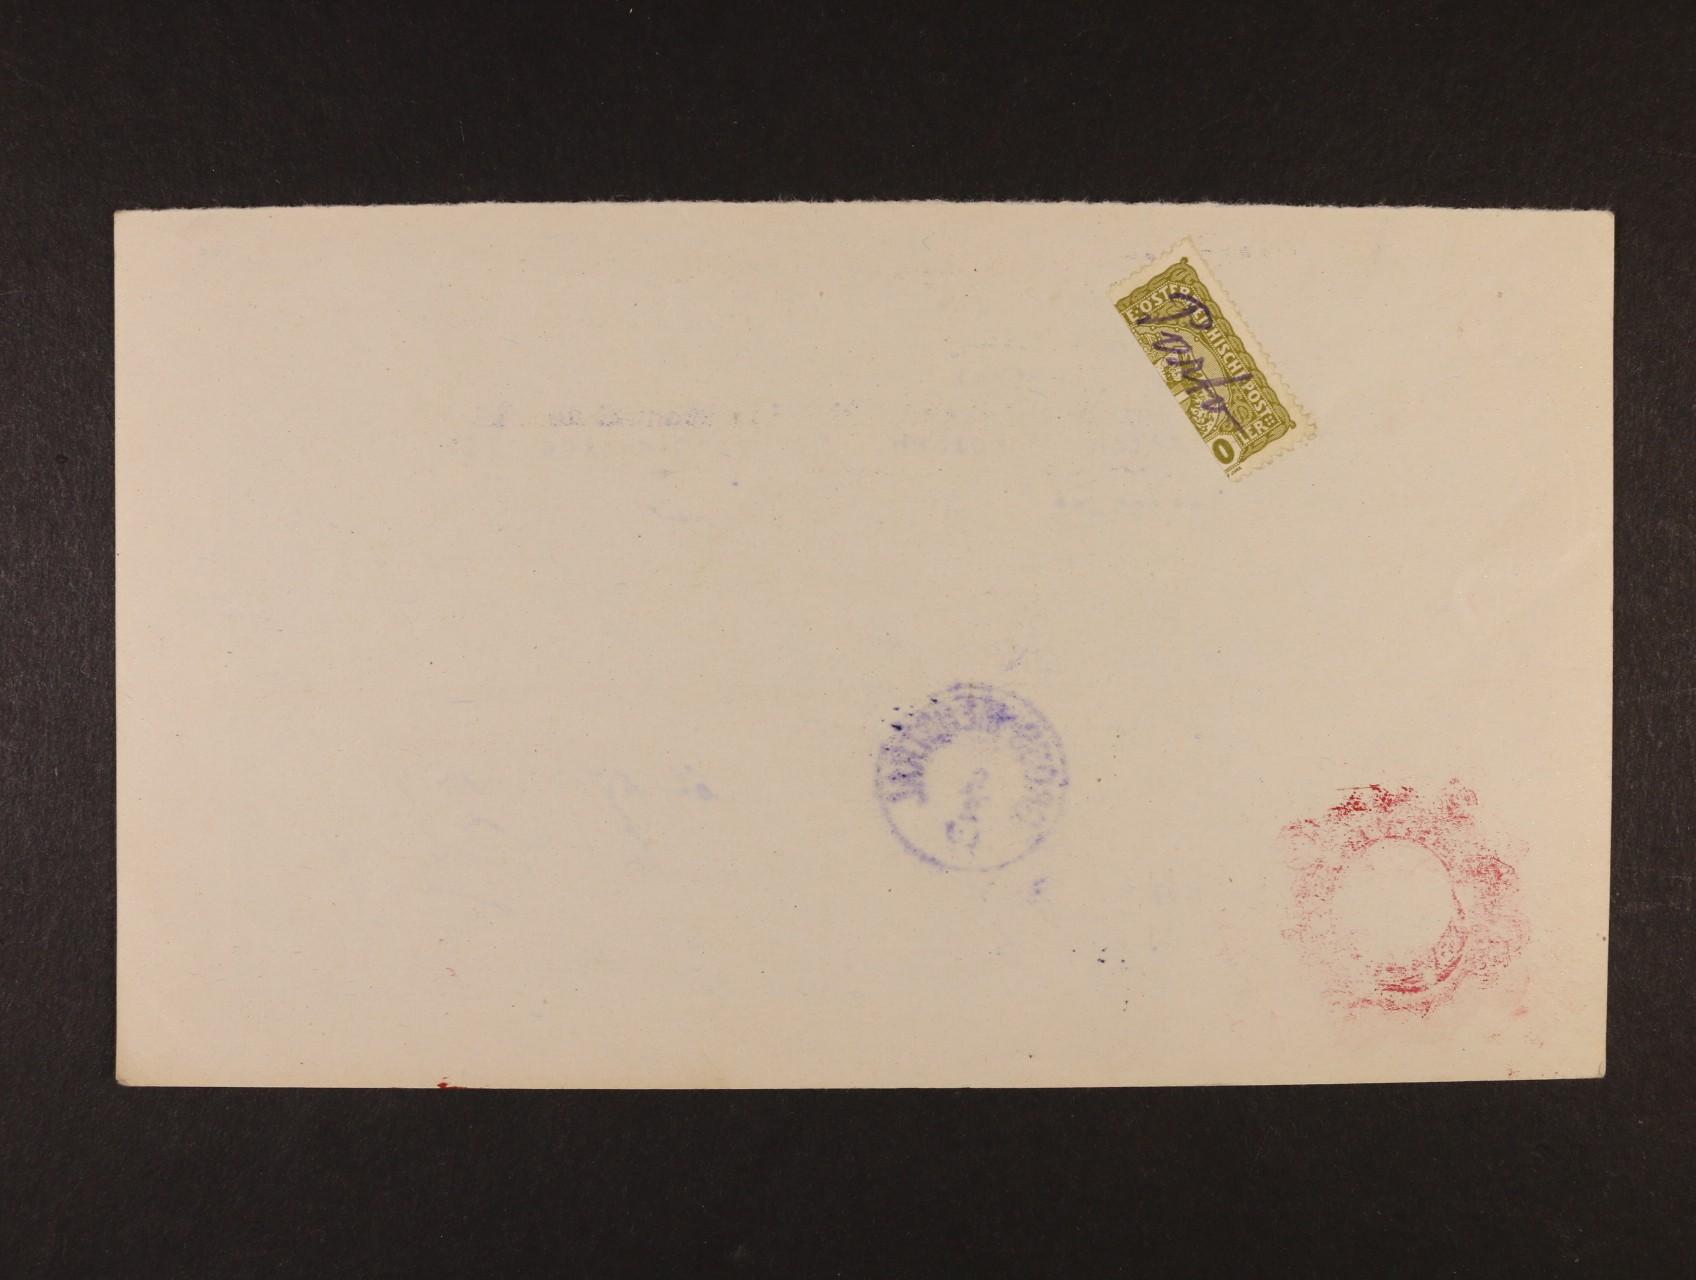 poštovní průvodka poštovní spořitelny Wien zaslaná na pošt. úřad GROSS-MERGHTAL (Mařenice), poštovné ve výši 20h vyplaceno svisle půlenou zn. Mi. č. 194 s ručním přepisem Porto, přích. raz. GROSS-MERGHTAL 8.2.1919